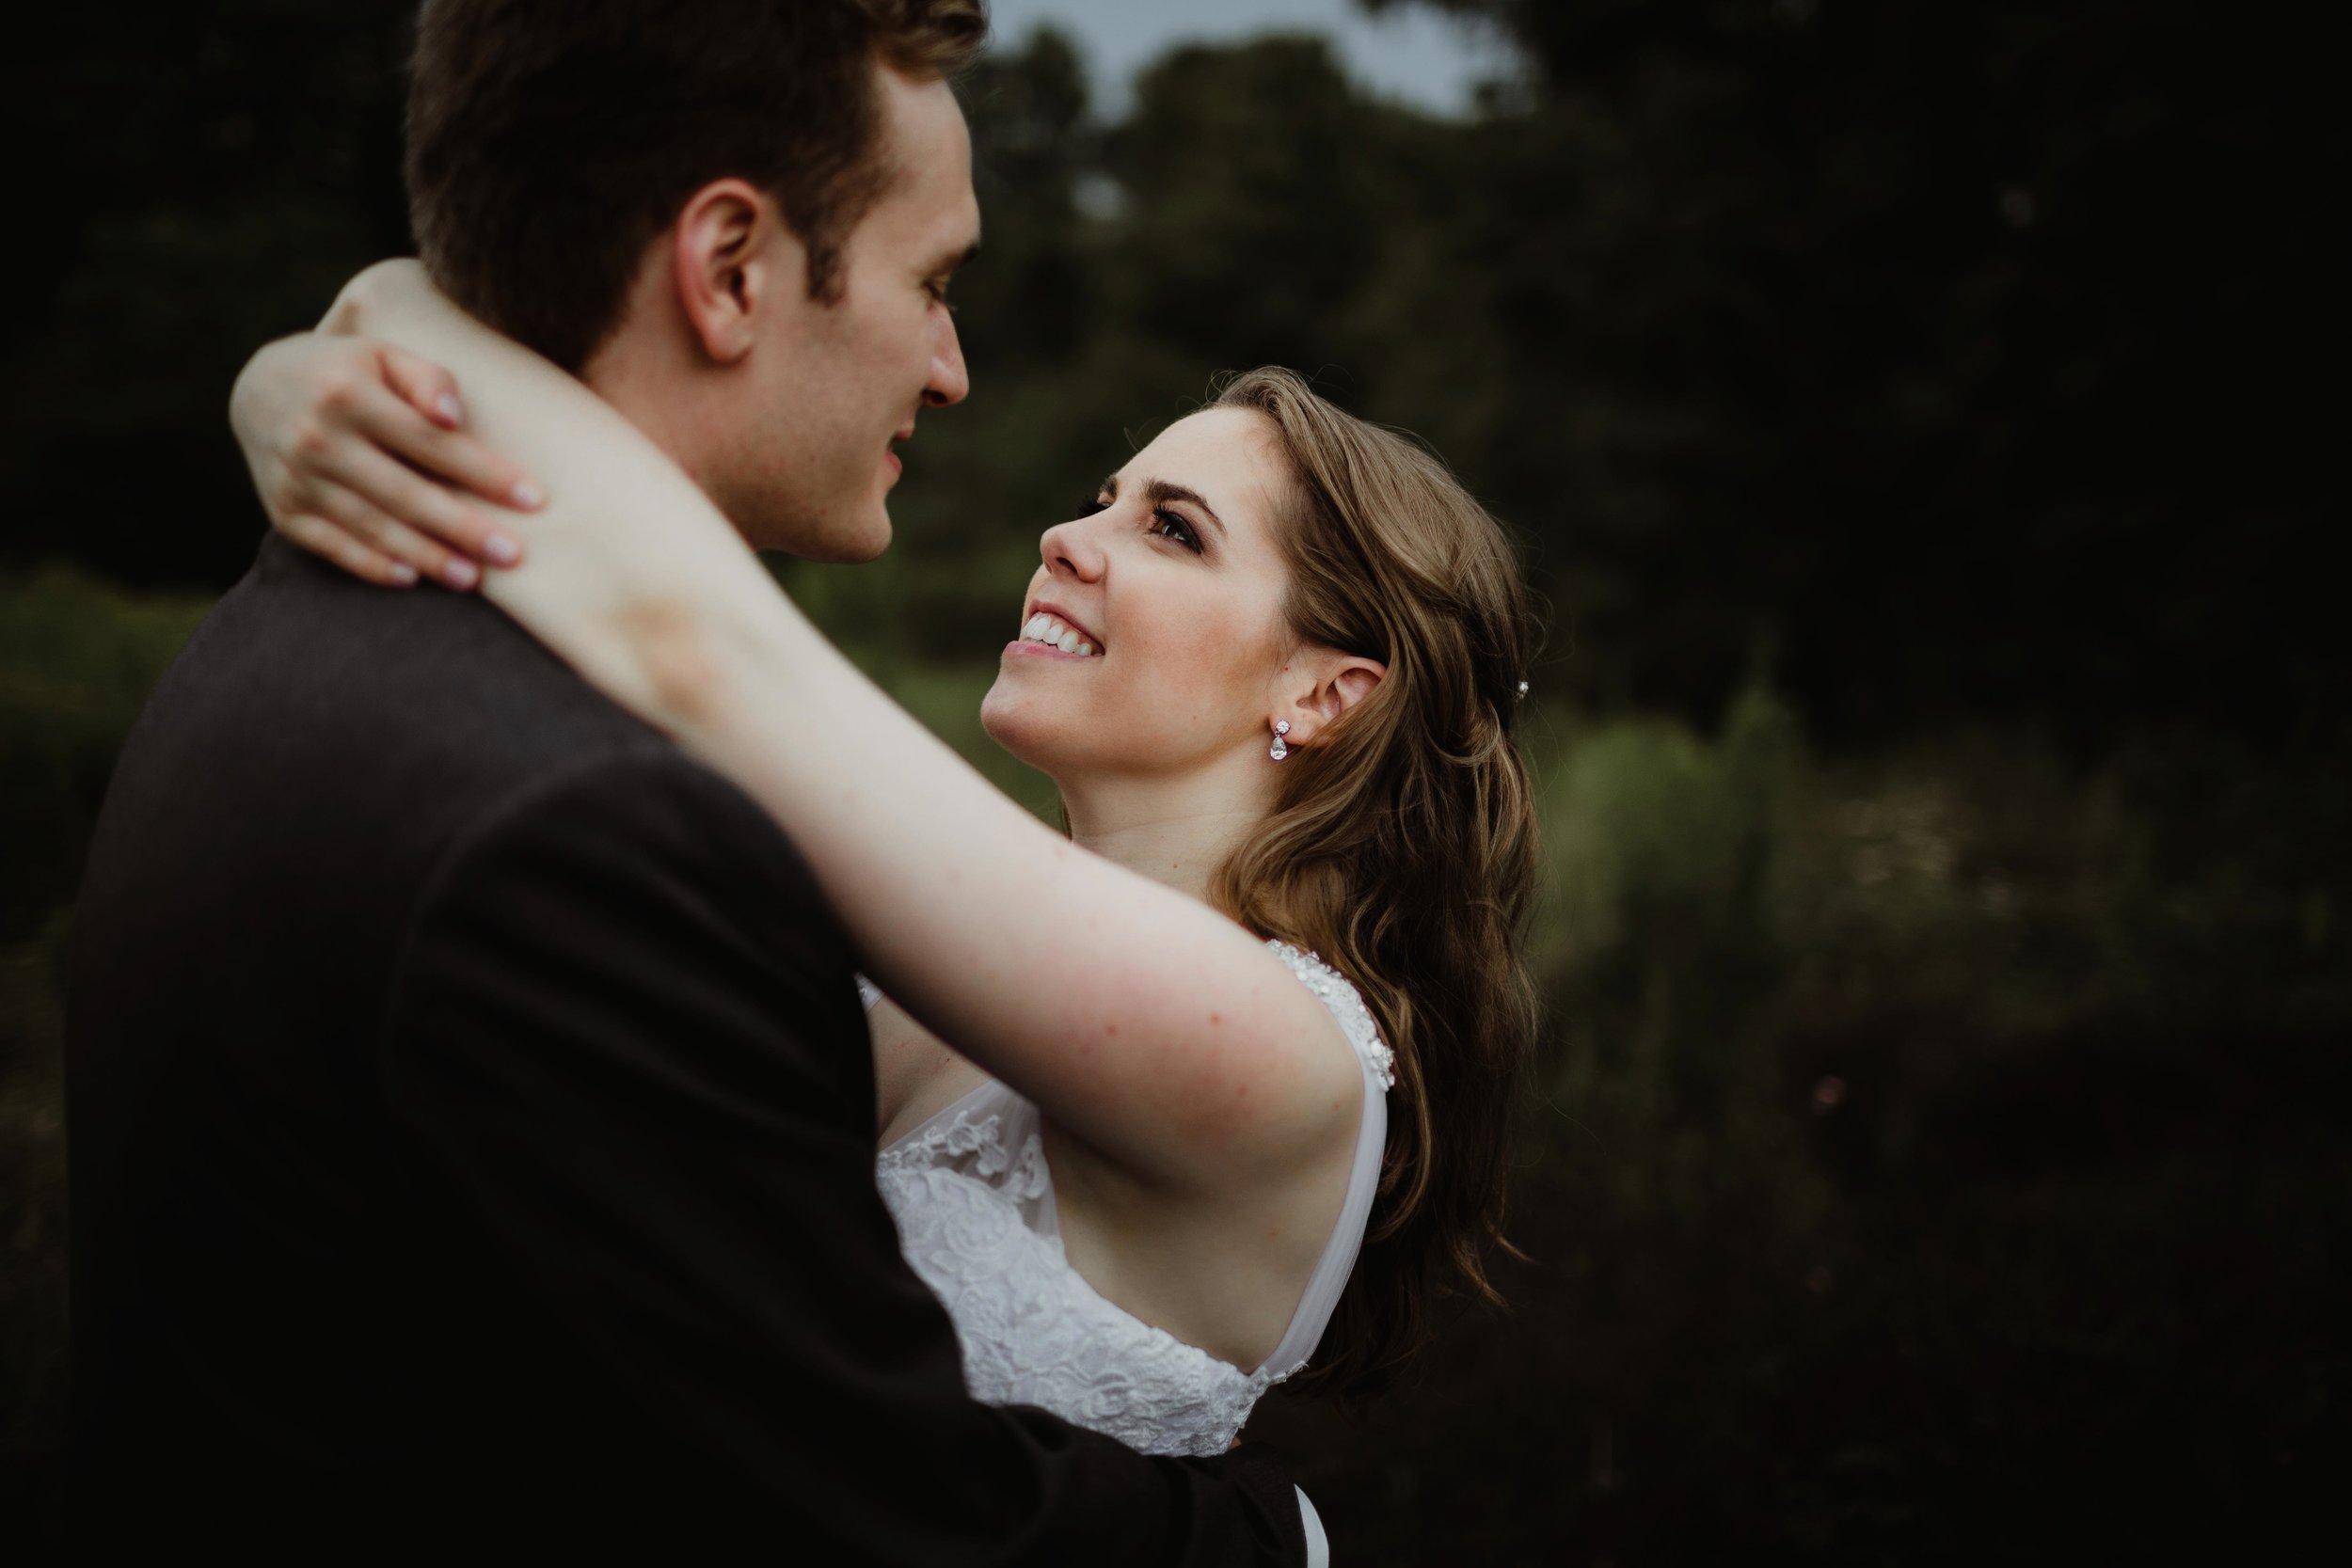 ALICIAandPETER-bridegroom (206 of 254).jpg